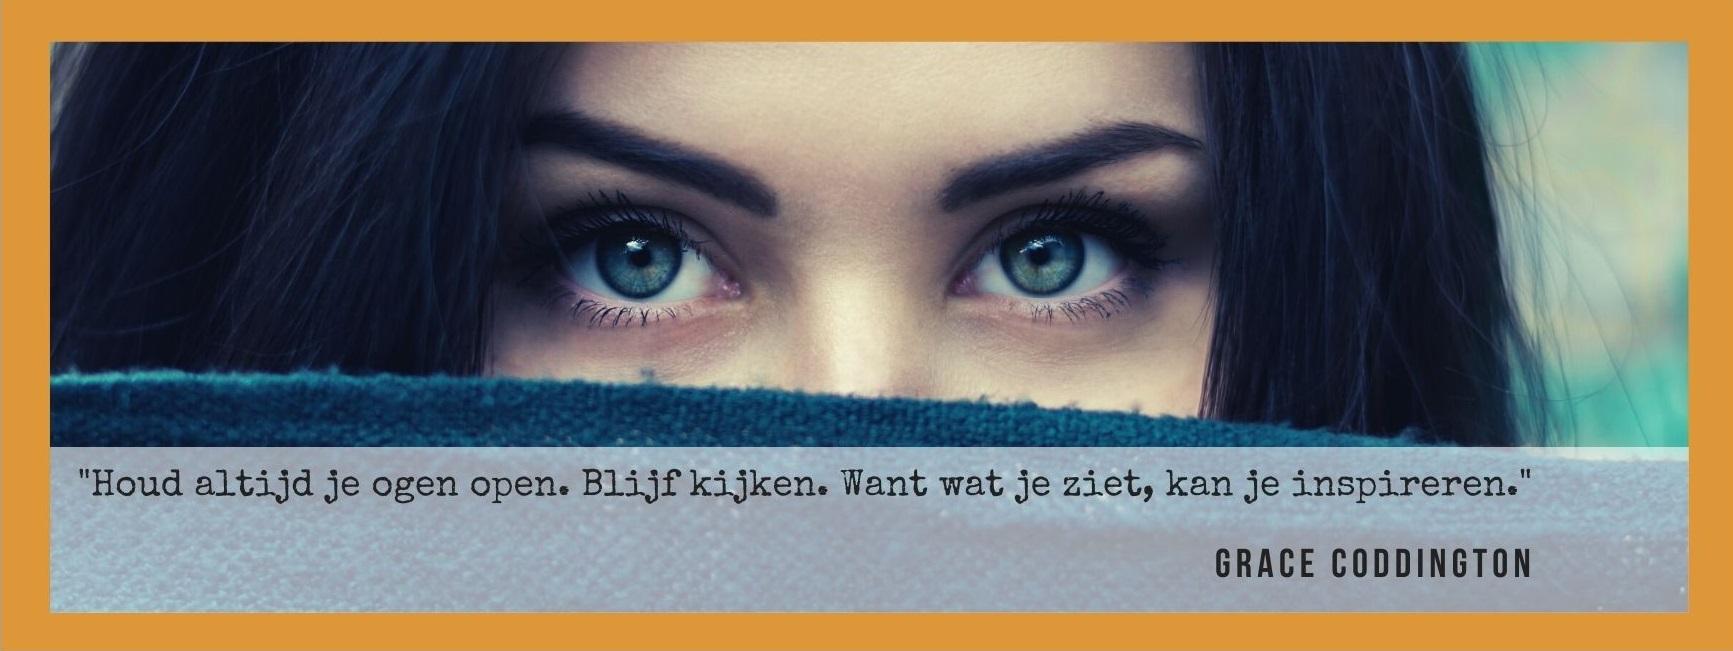 """""""Houd altijd je ogen open. Blijf kijken. Want wat je ziet, kan je inspireren."""" Quote van Grace Coddington."""